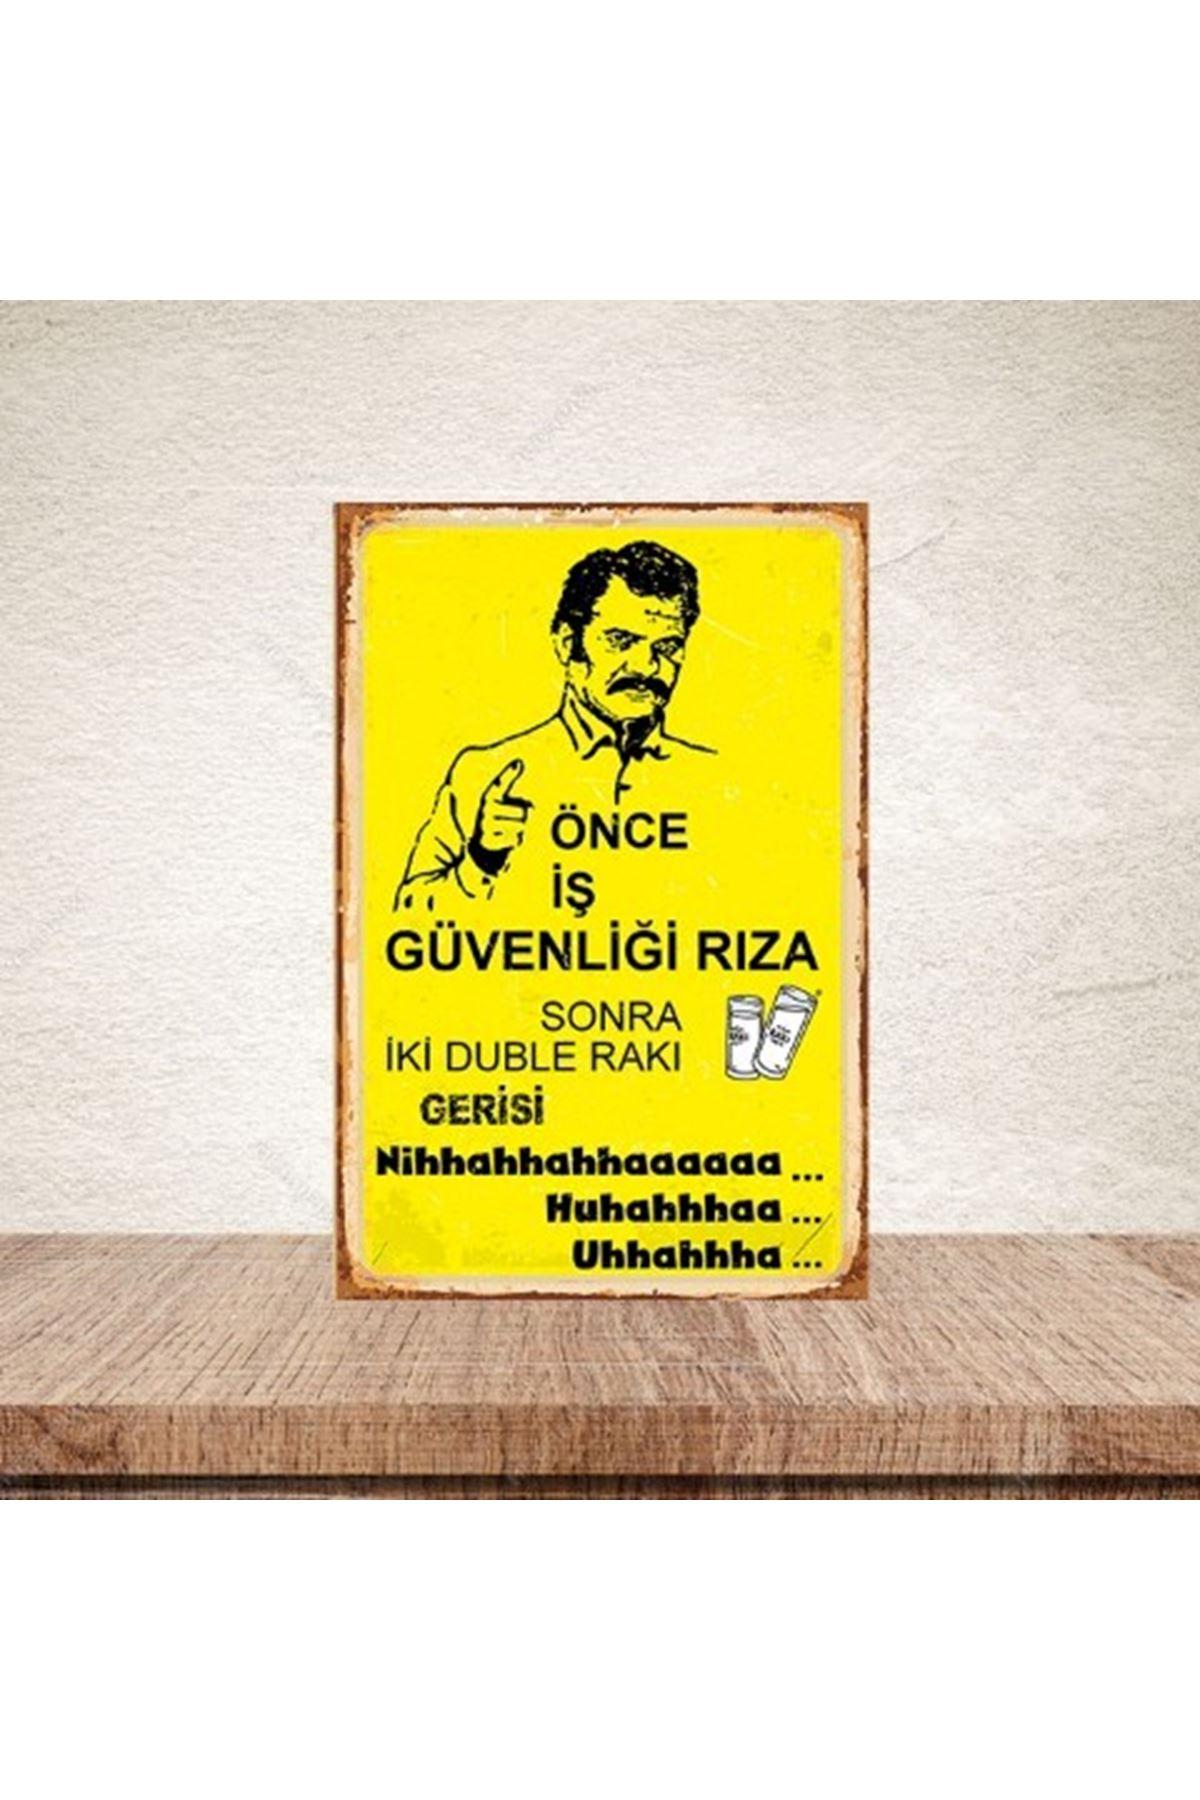 ÖNCE İŞ GÜVENLİĞİ RIZA - AHŞAP POSTER